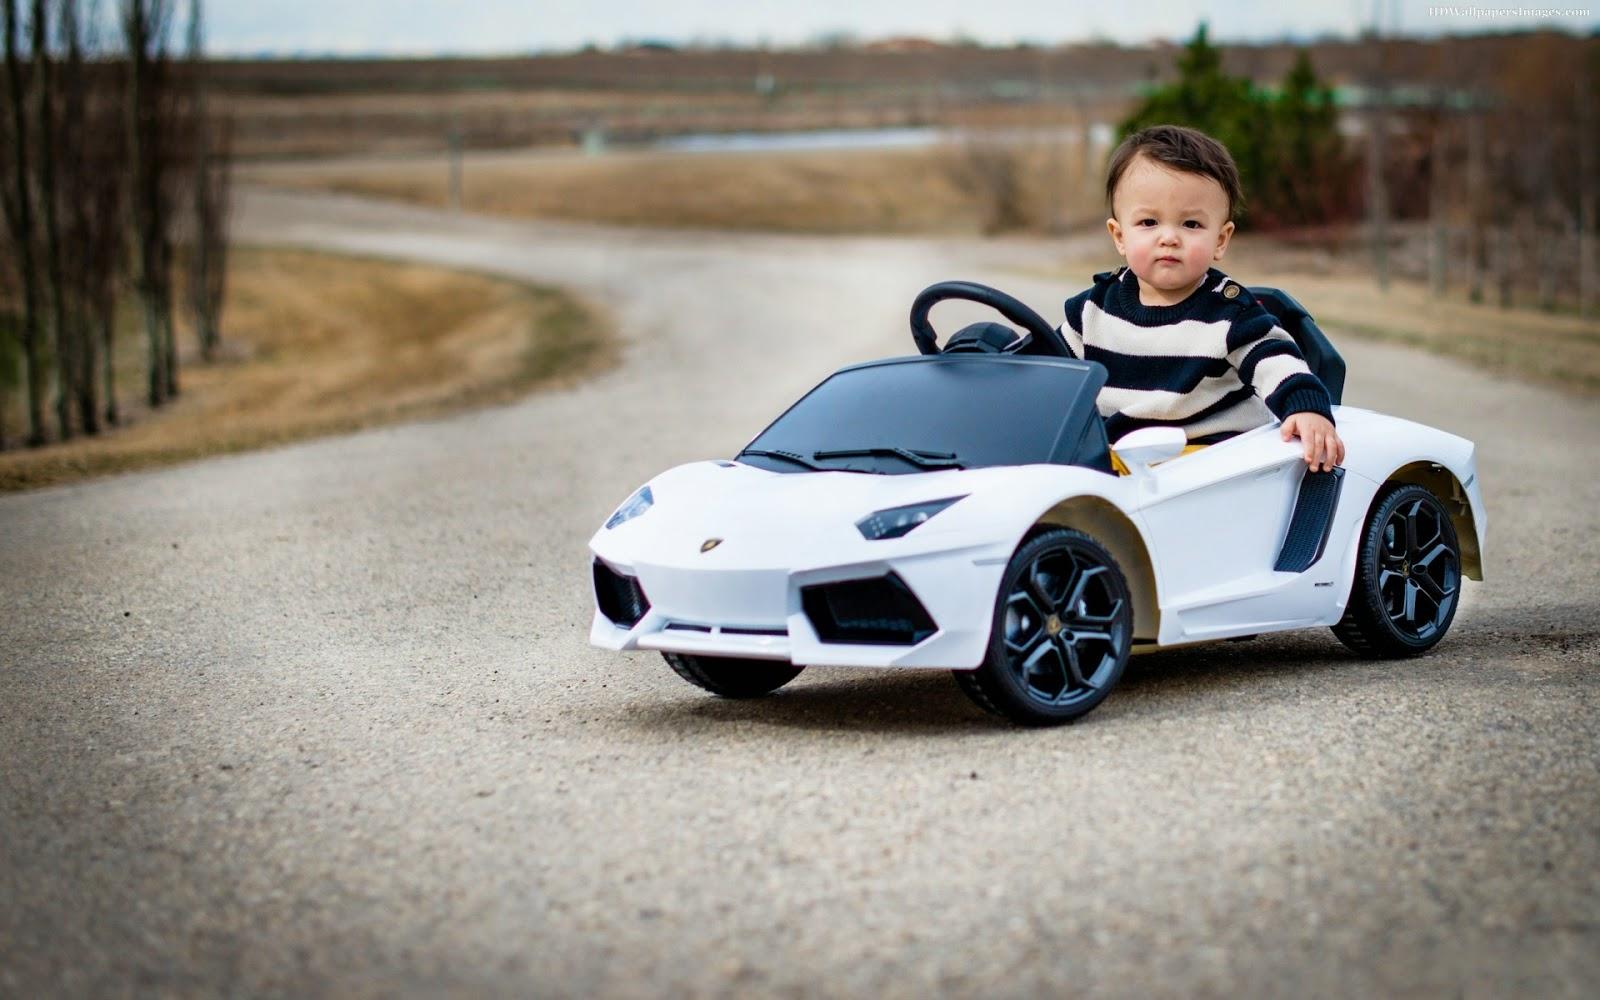 Gratis gambar bayi menyetir mobil